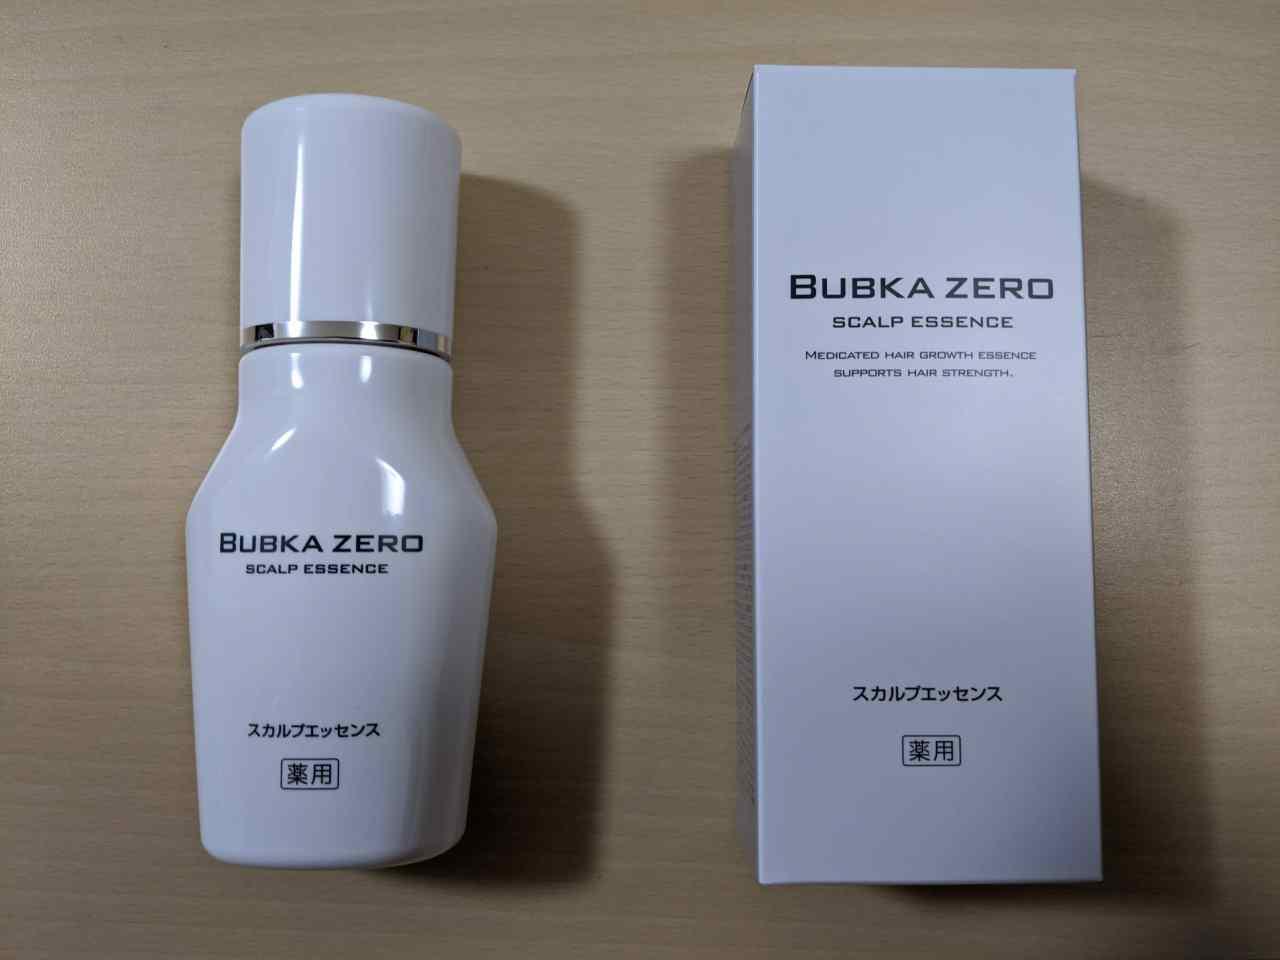 育毛剤「BUBKA ZERO(ブブカ ゼロ)」のパッケージ